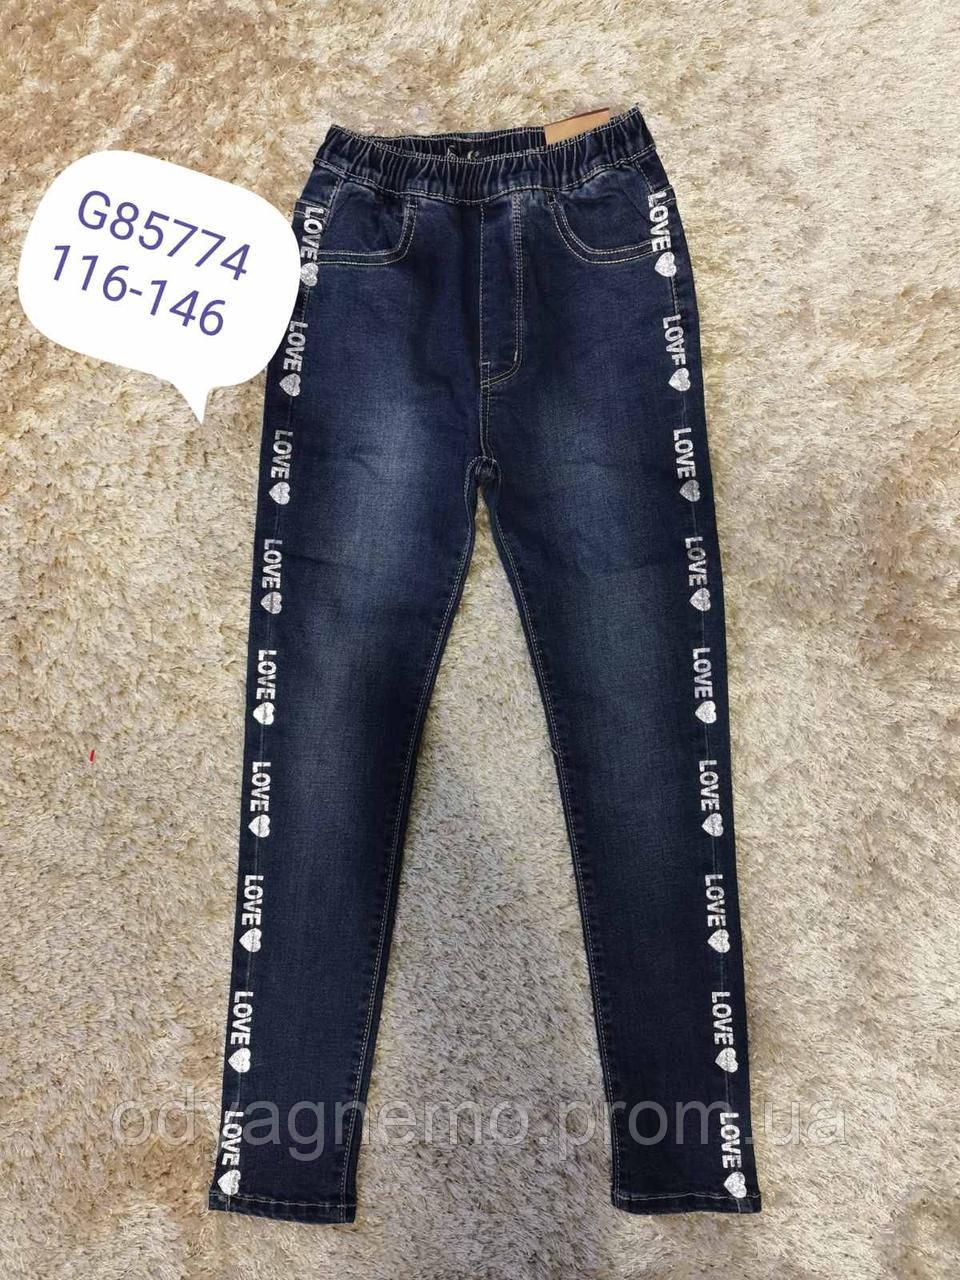 Джинсовые брюки для девочек Grace,  Артикул: G85744, 116-146 рр.